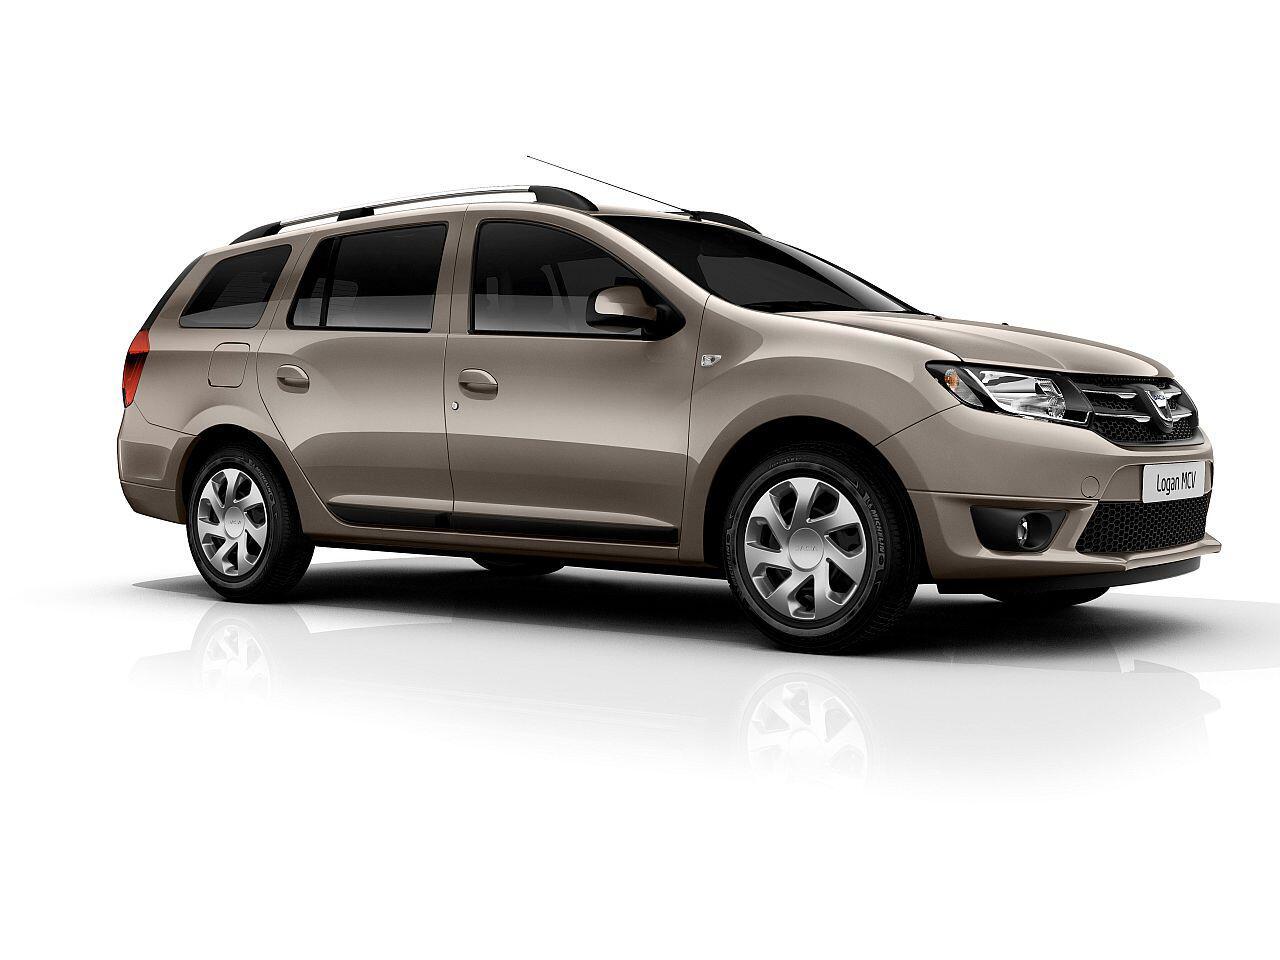 Bild zu Geringster Wertverlust in Euro bei den Kompaktwagen: Dacia Logan MCV 1.2